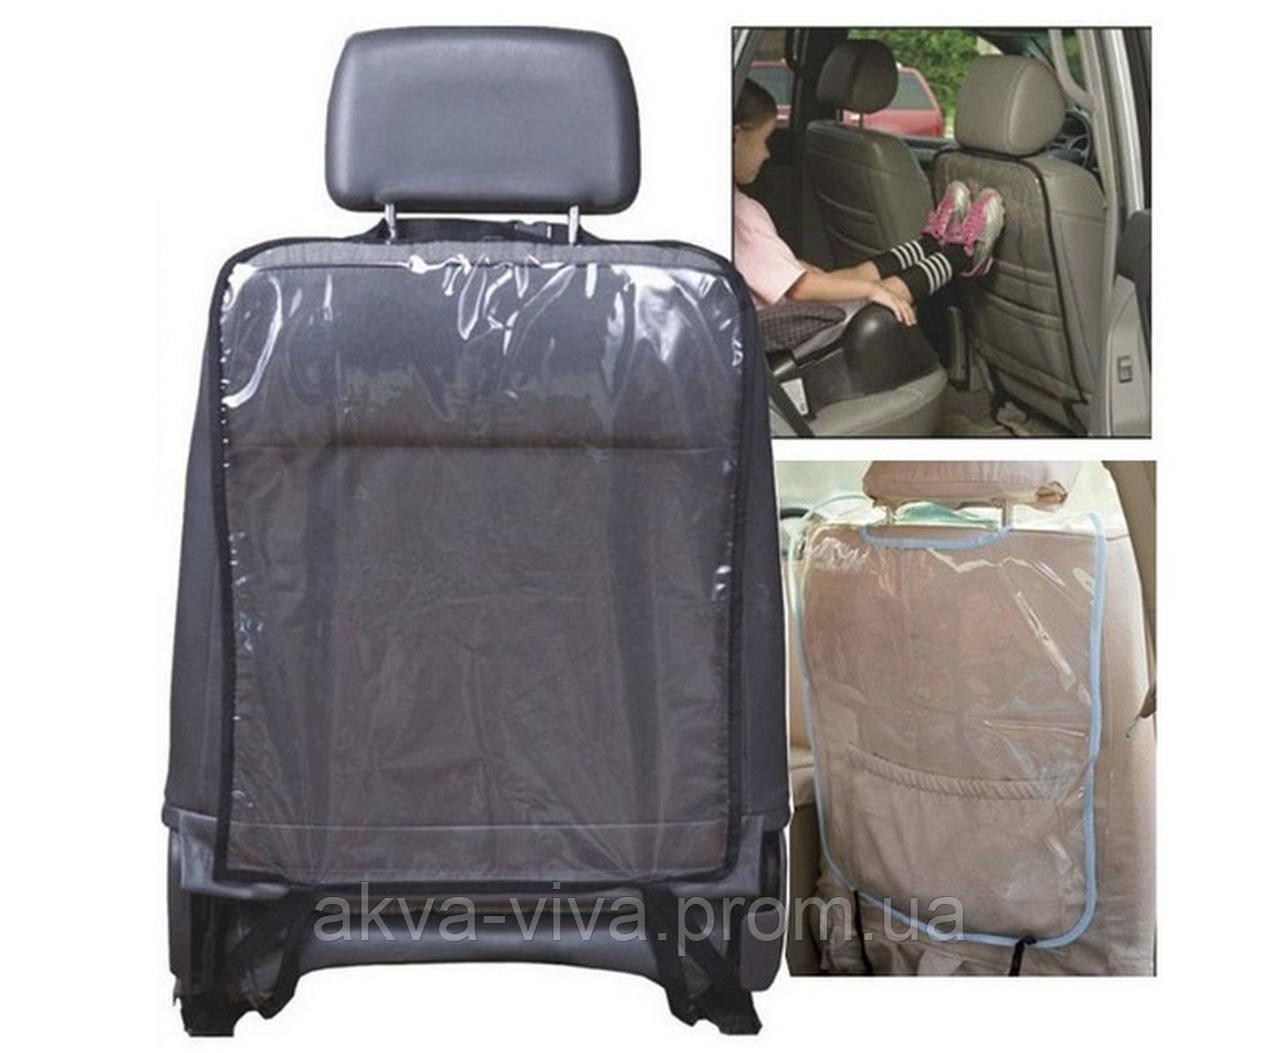 Защитный чехол в авто (АО-1001)